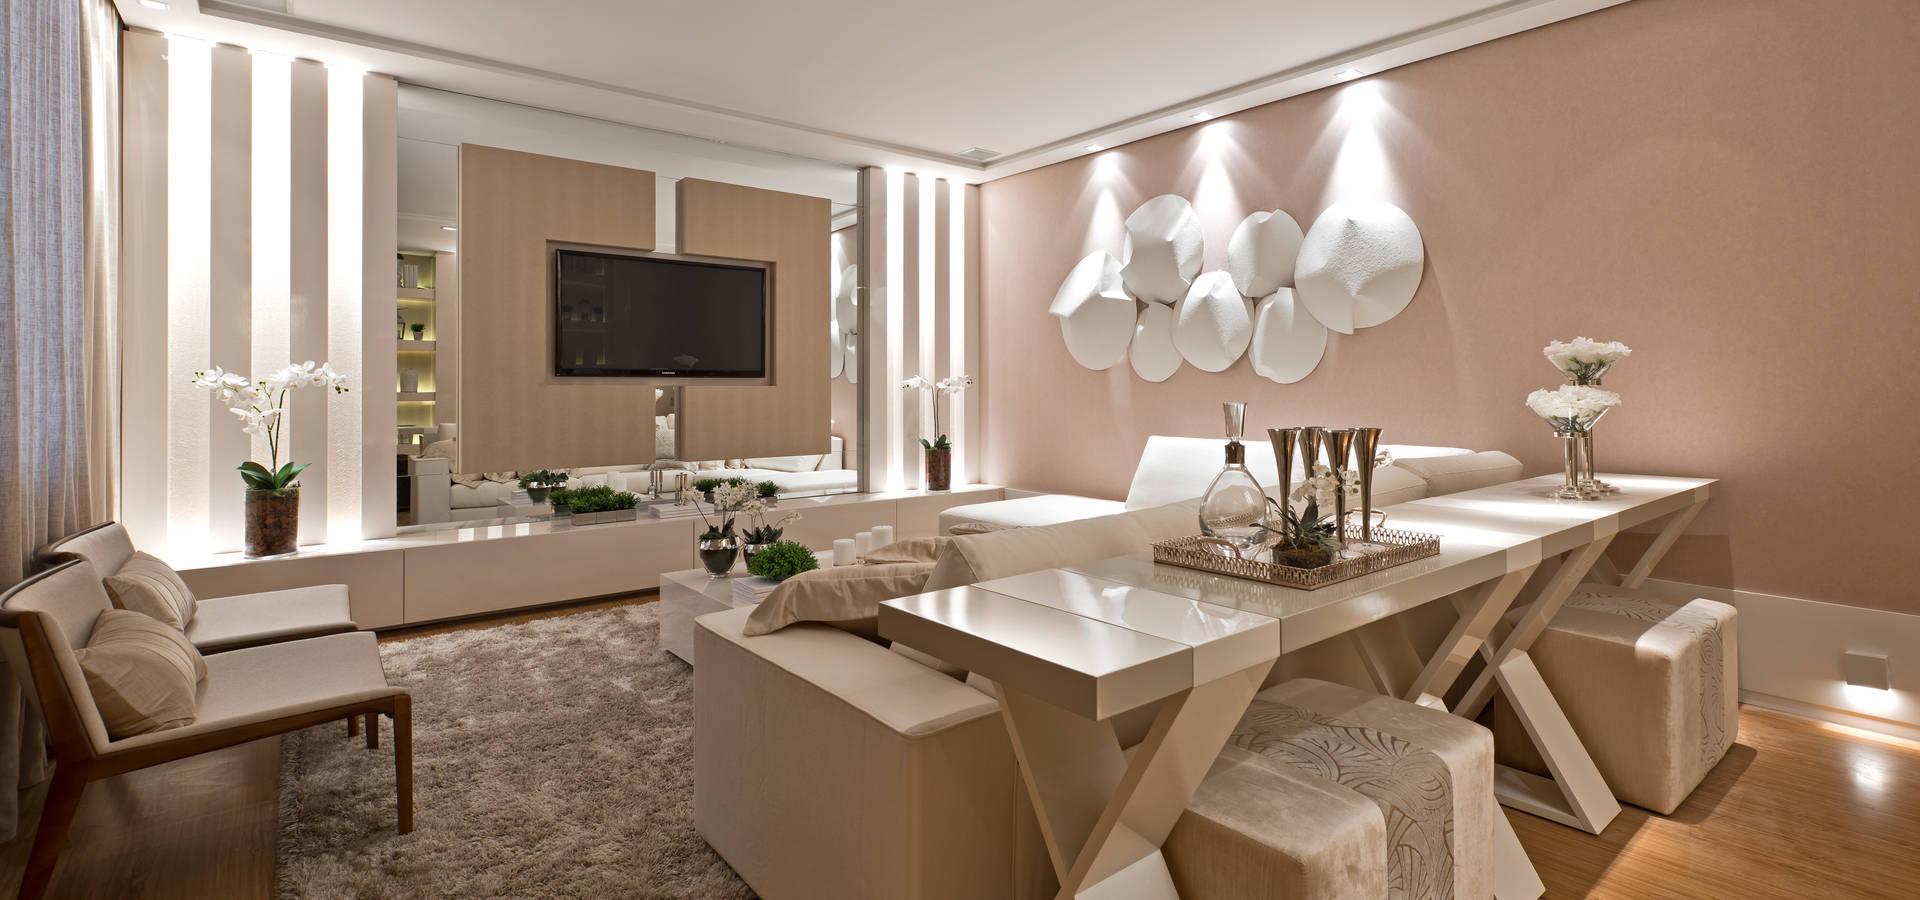 Rolim de Moura Arquitetura e Interiores